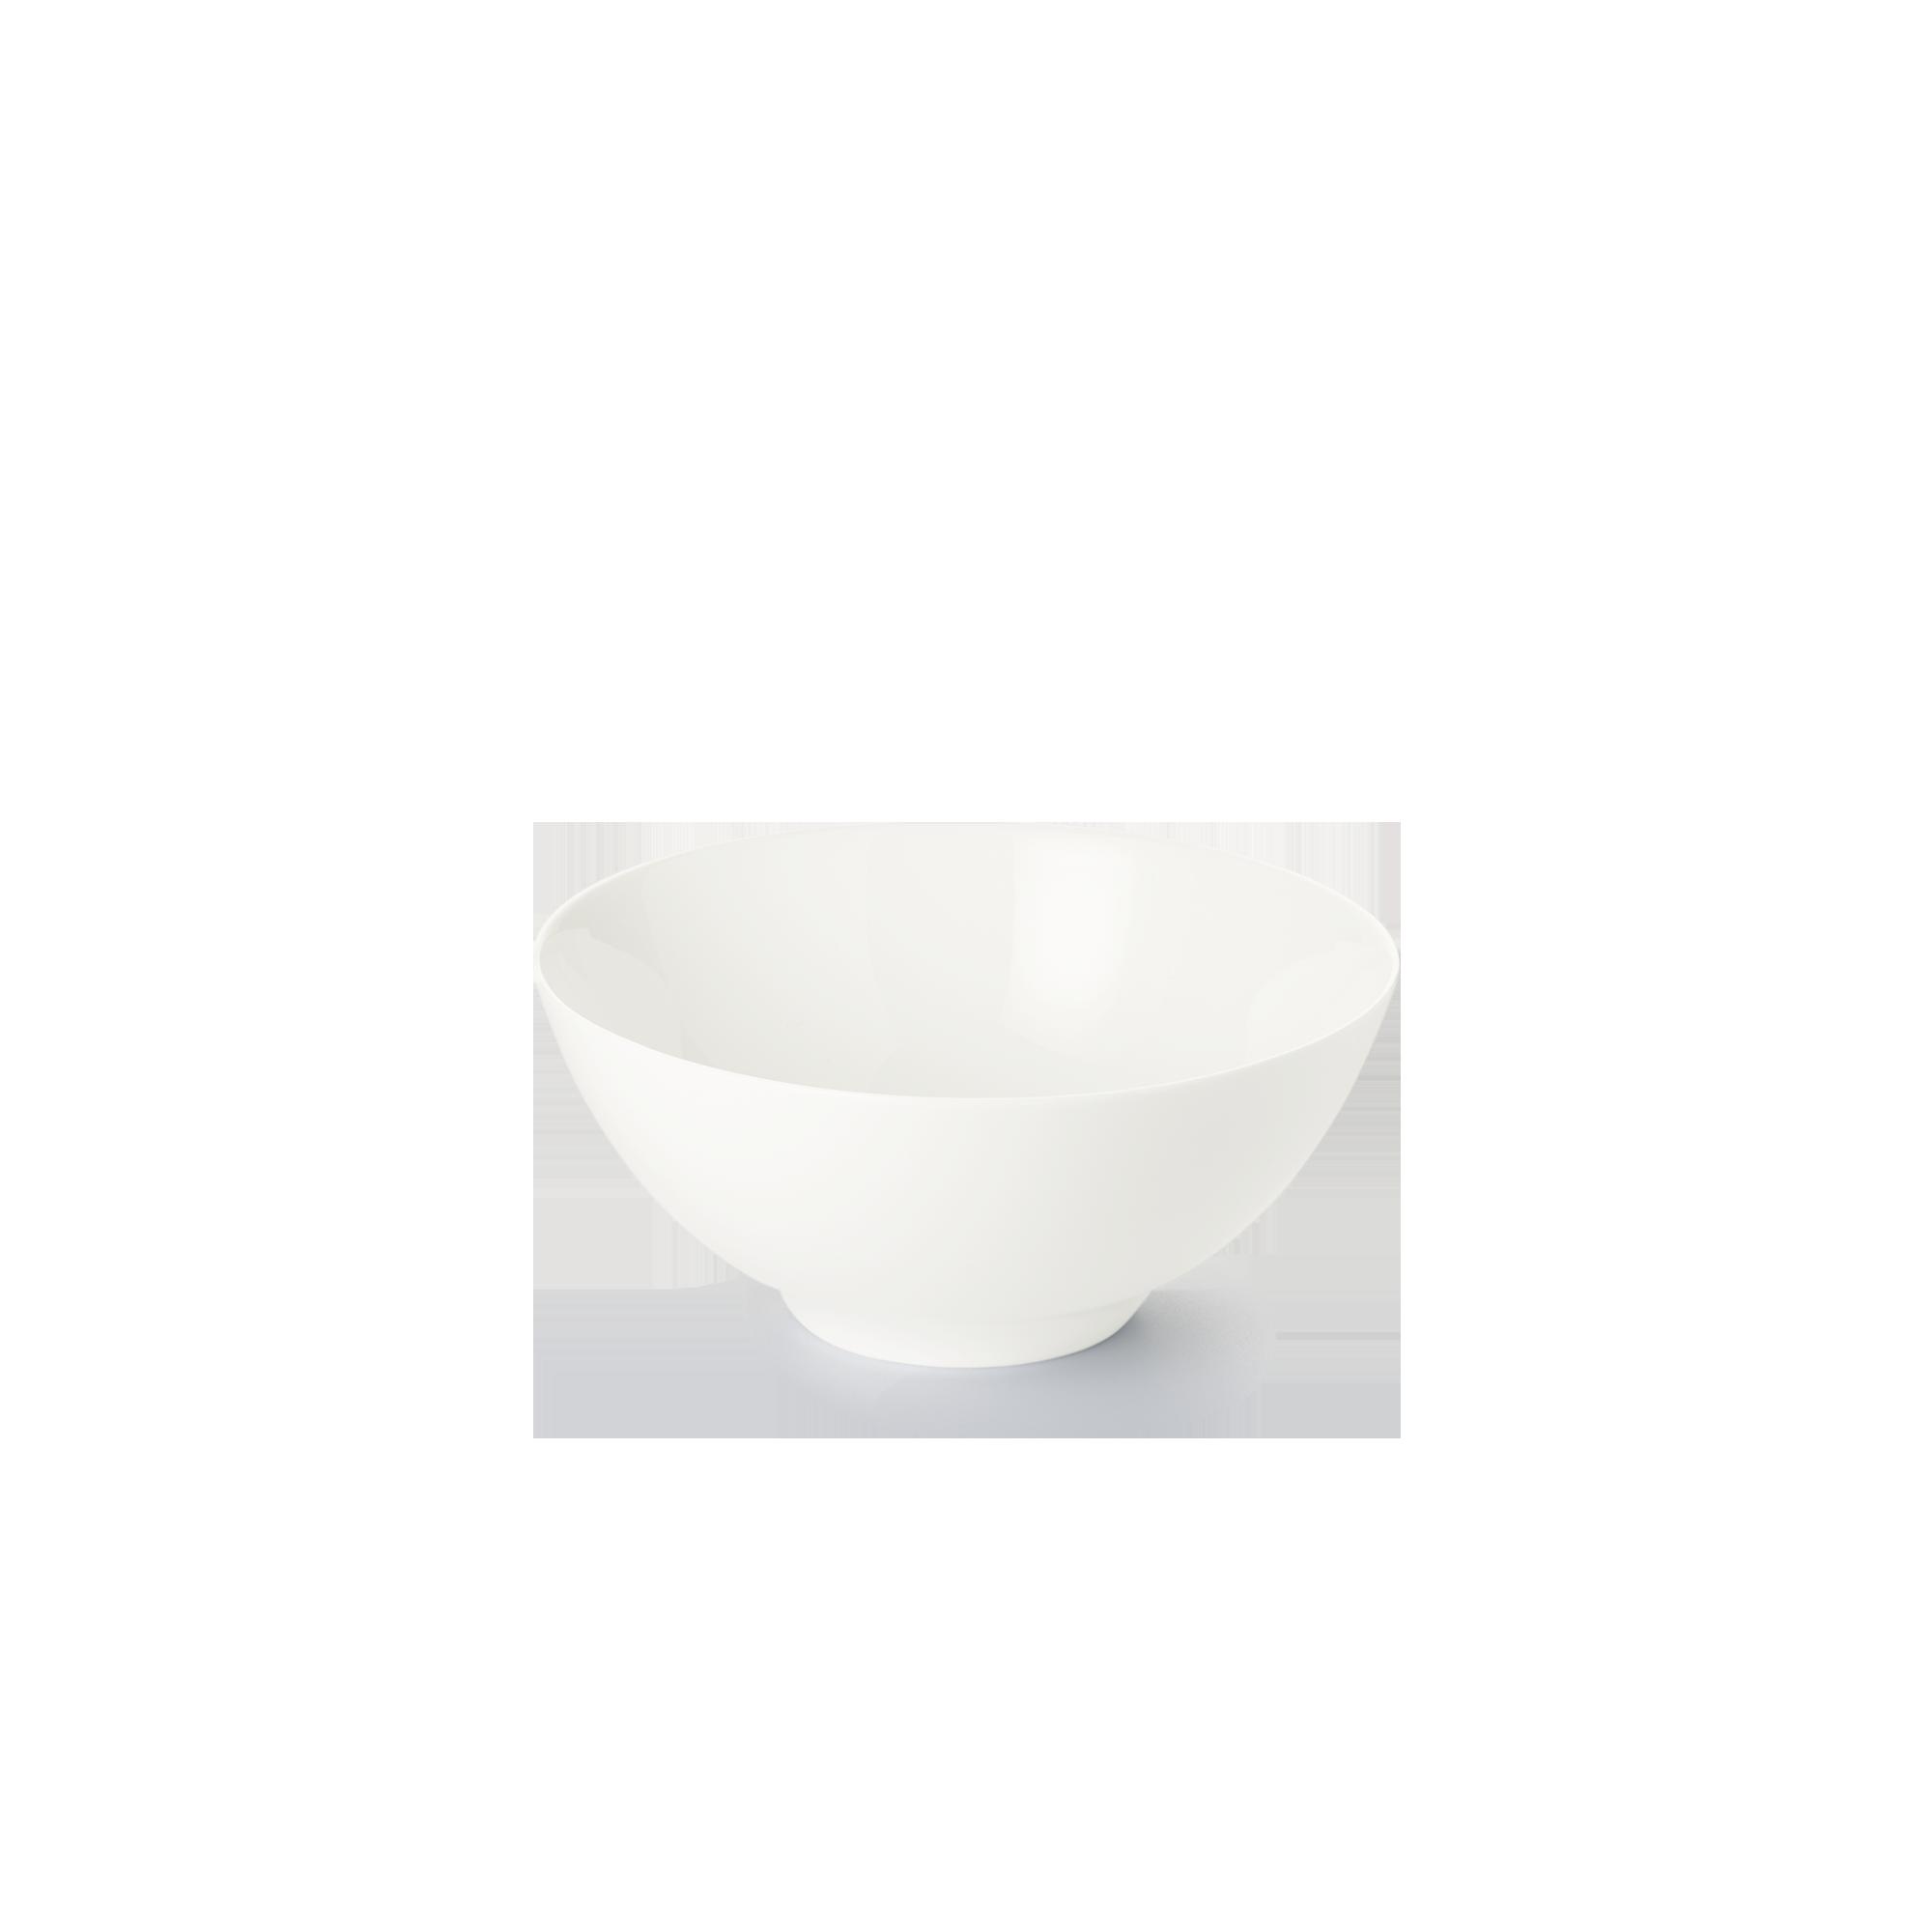 Chinesische Suppenschale 0,30 l 11,5 cm Fine Bone China Asia Line Weiss Dibbern